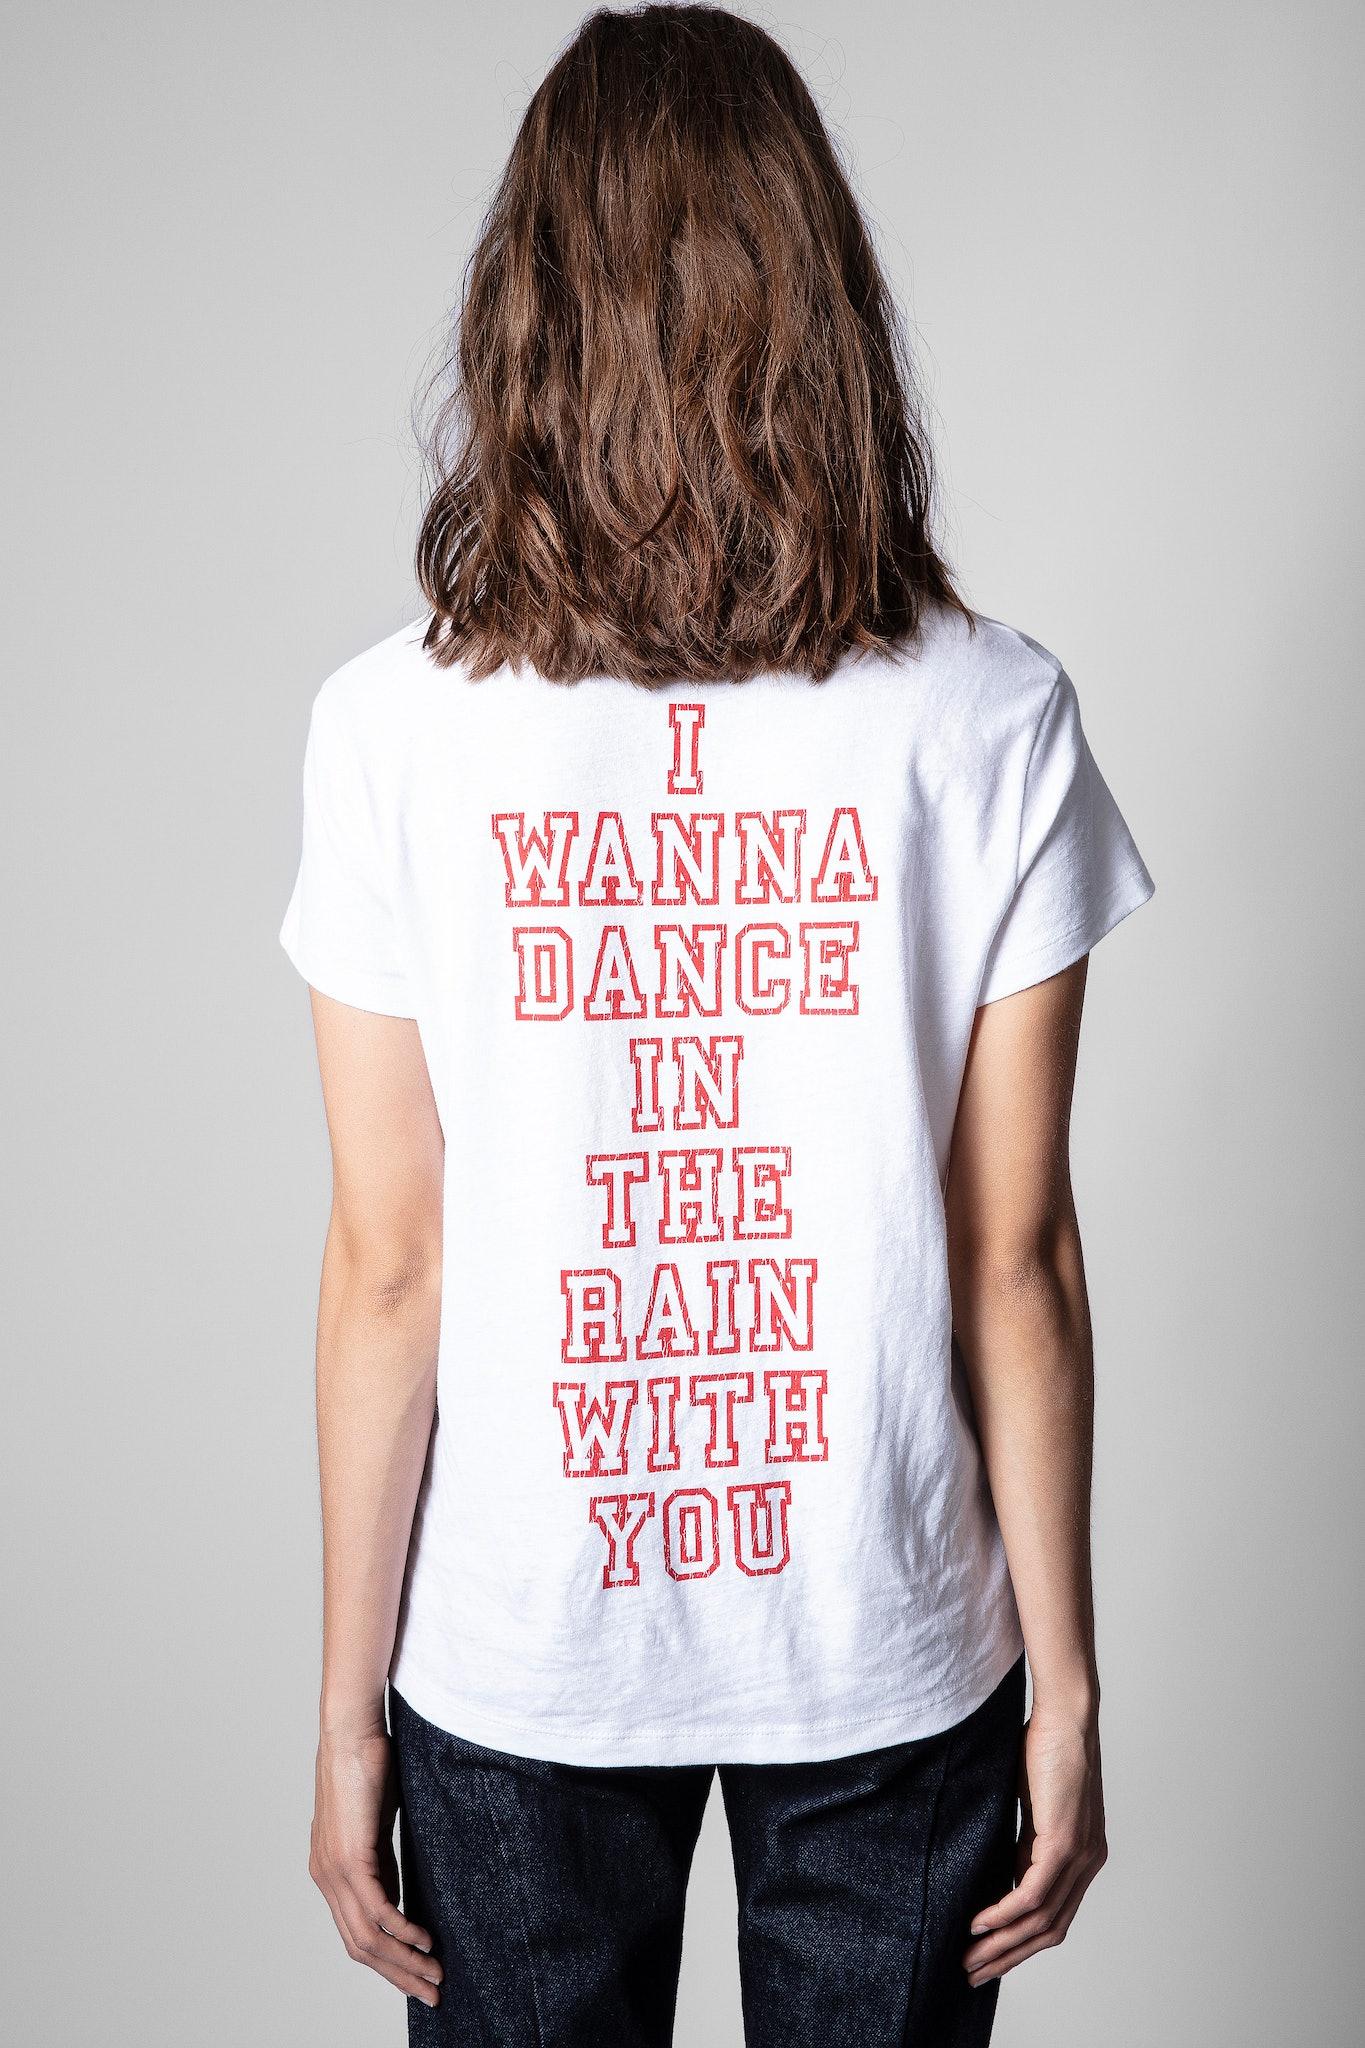 Zoe Happy Dance T-shirt